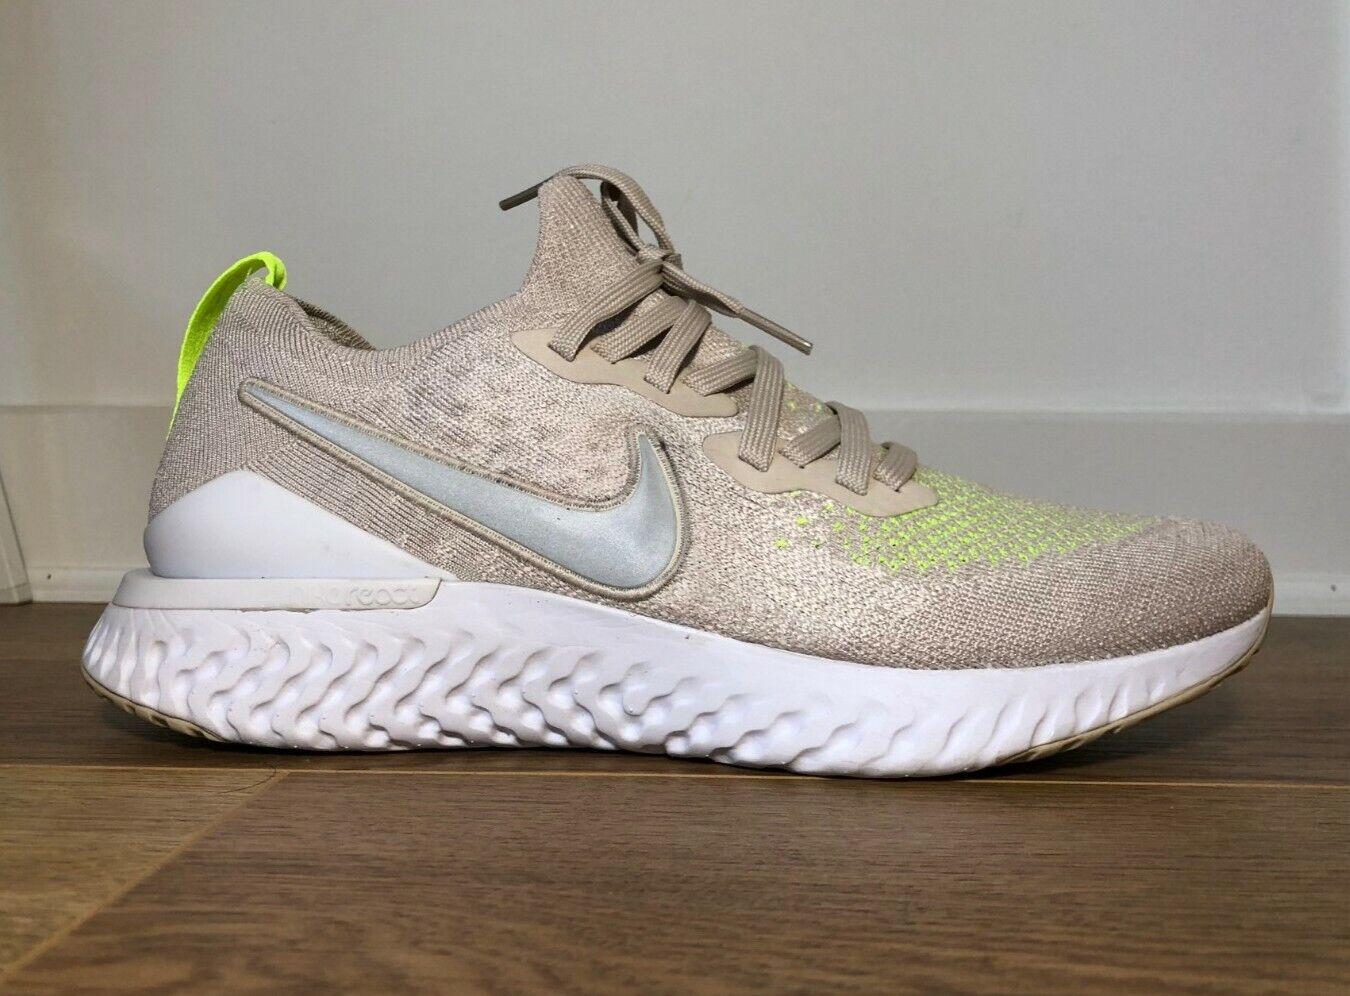 Nike Epic React Flyknit 2 Mens Desert Sand Reflect Silver UK8 EU42.5 CJ9695 002